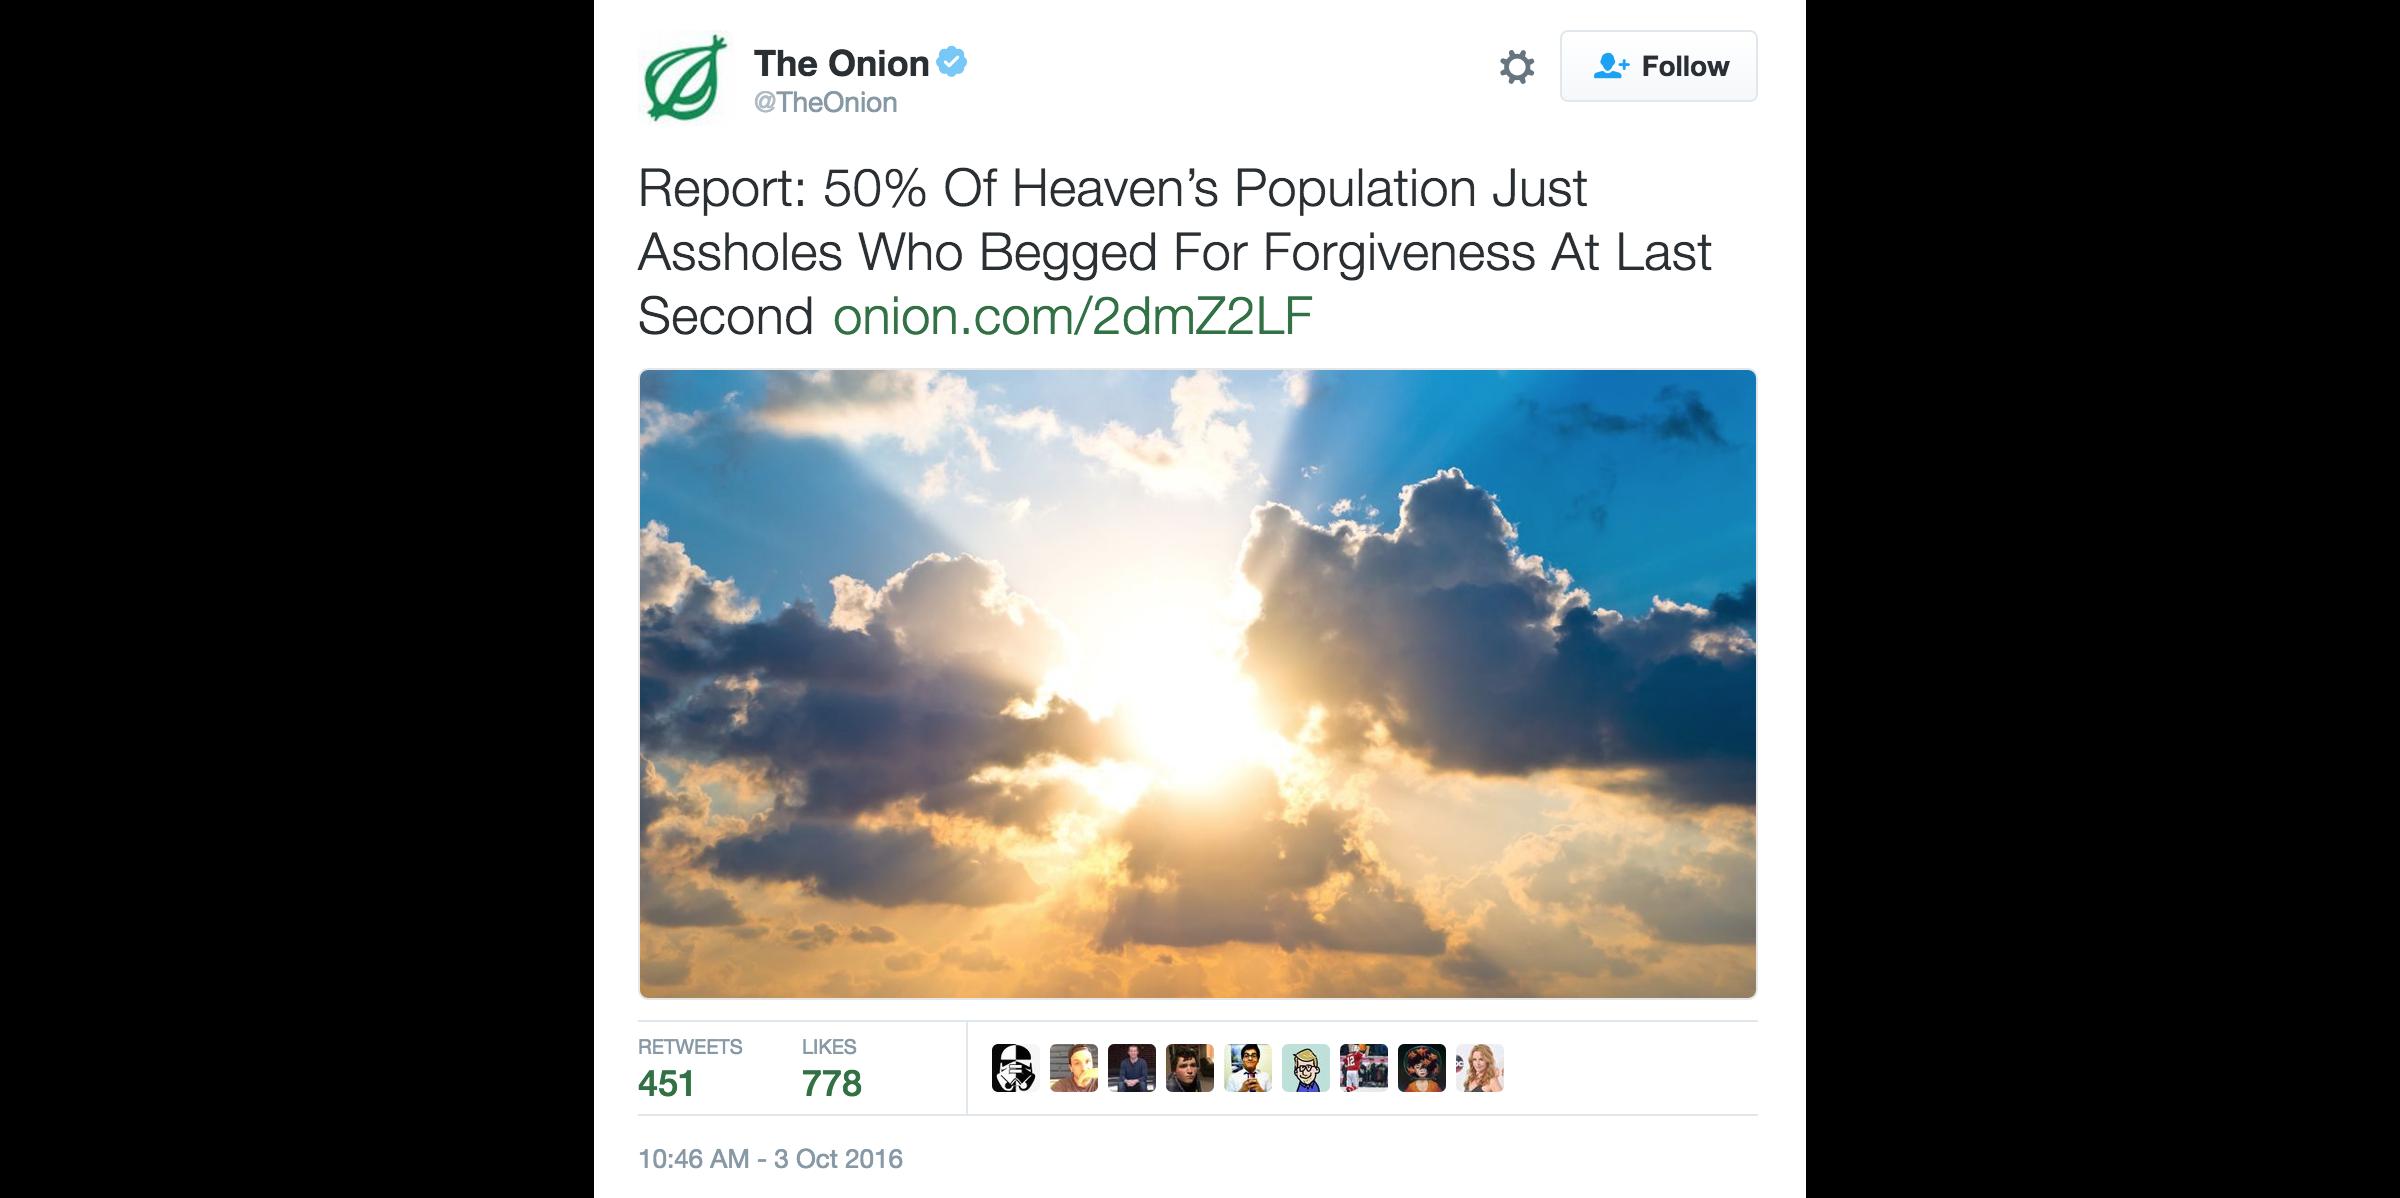 OnionHeaven